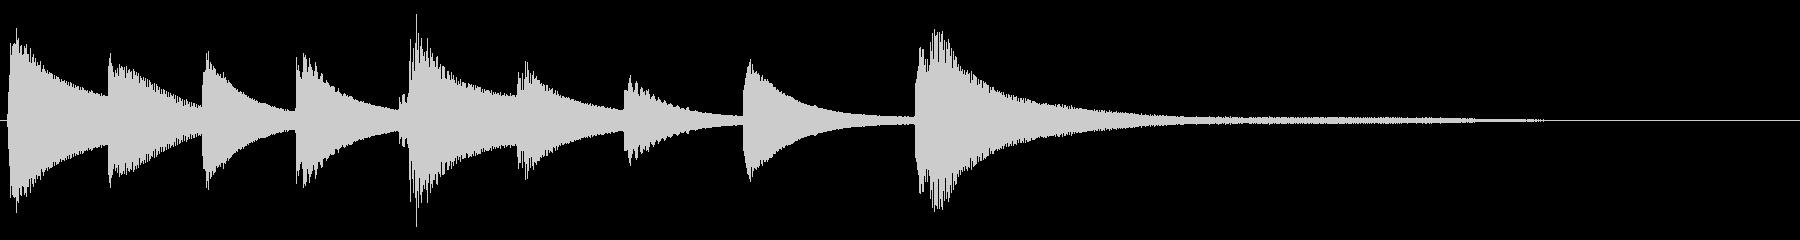 ジングル サウンドロゴの未再生の波形